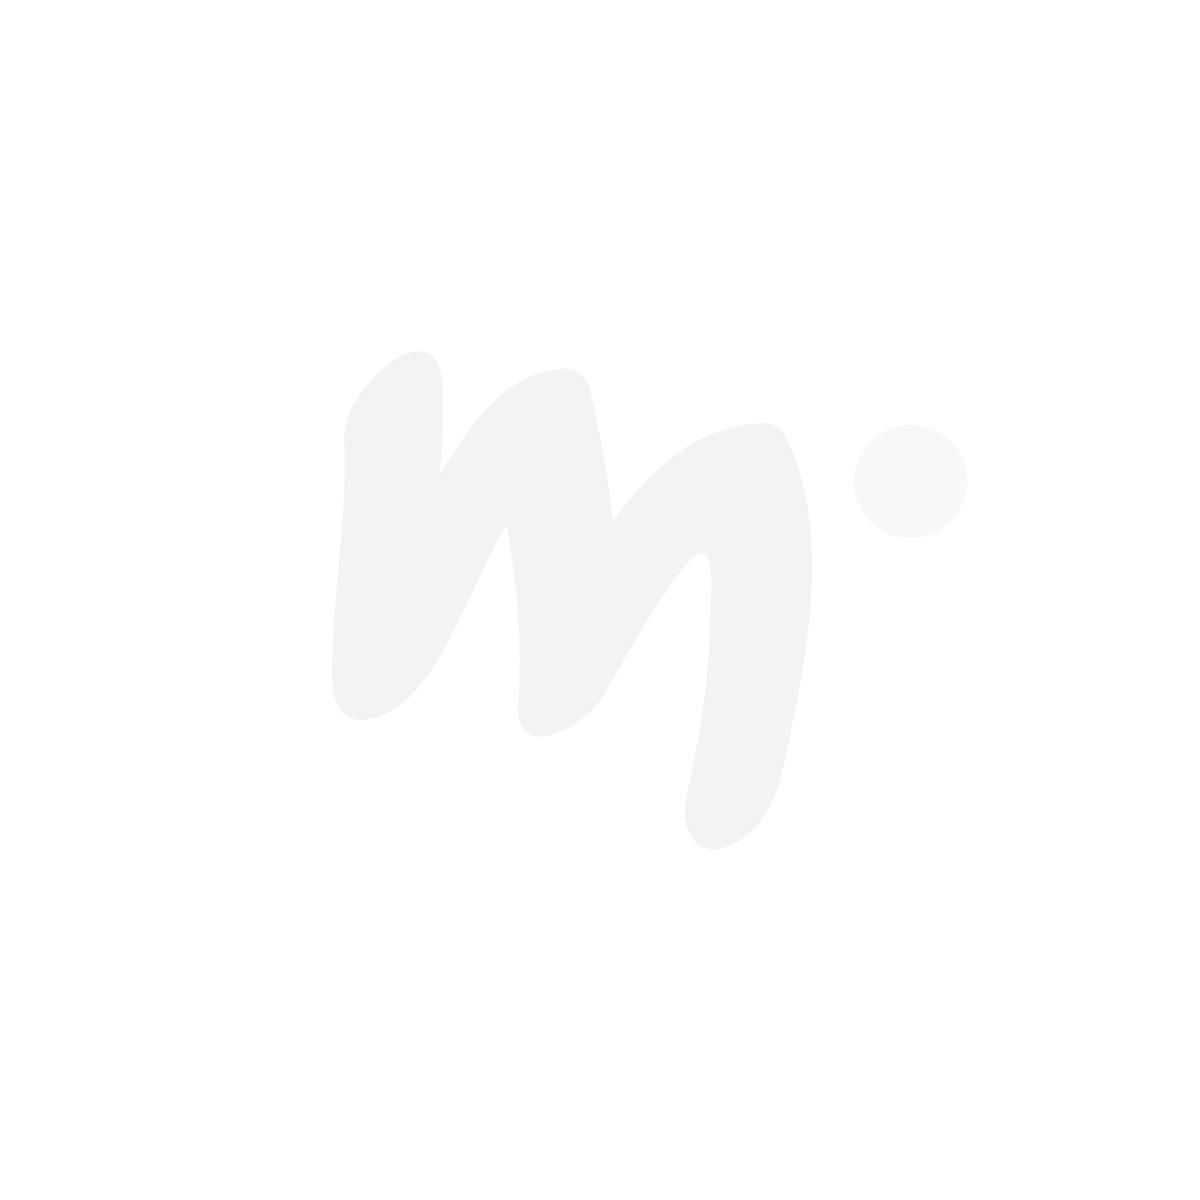 Muumi Syyshetki-housut vaaleansininen